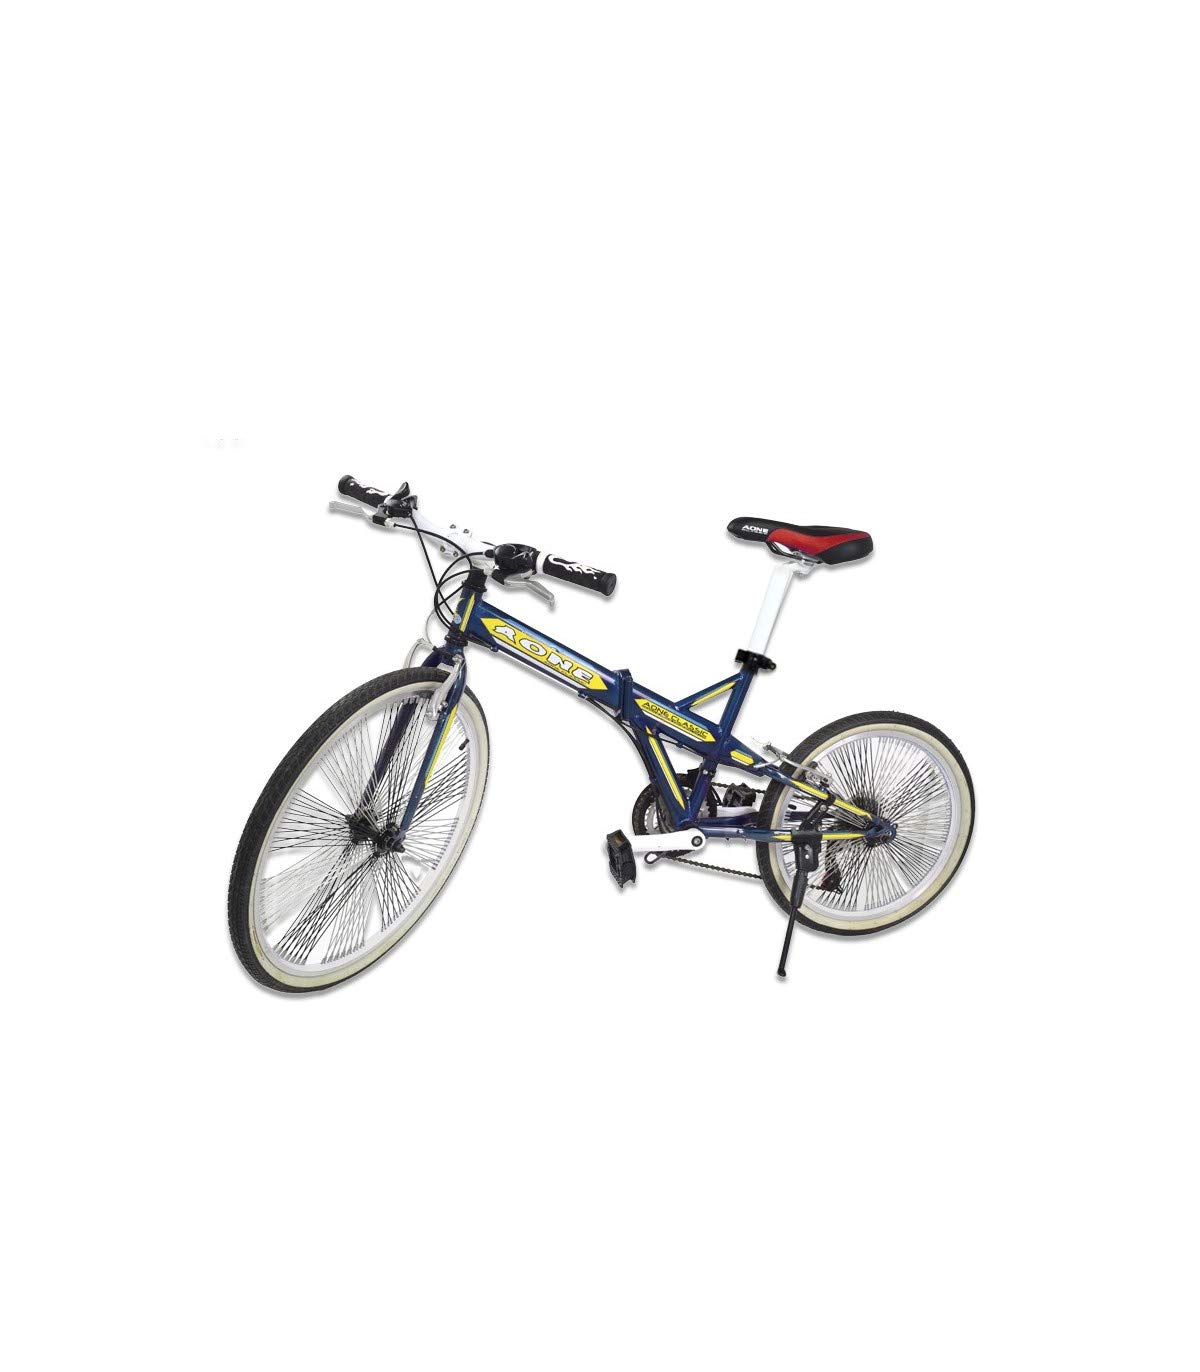 Riscko Bicicleta Plegable Bep-26 Azul: Amazon.es: Deportes y aire ...